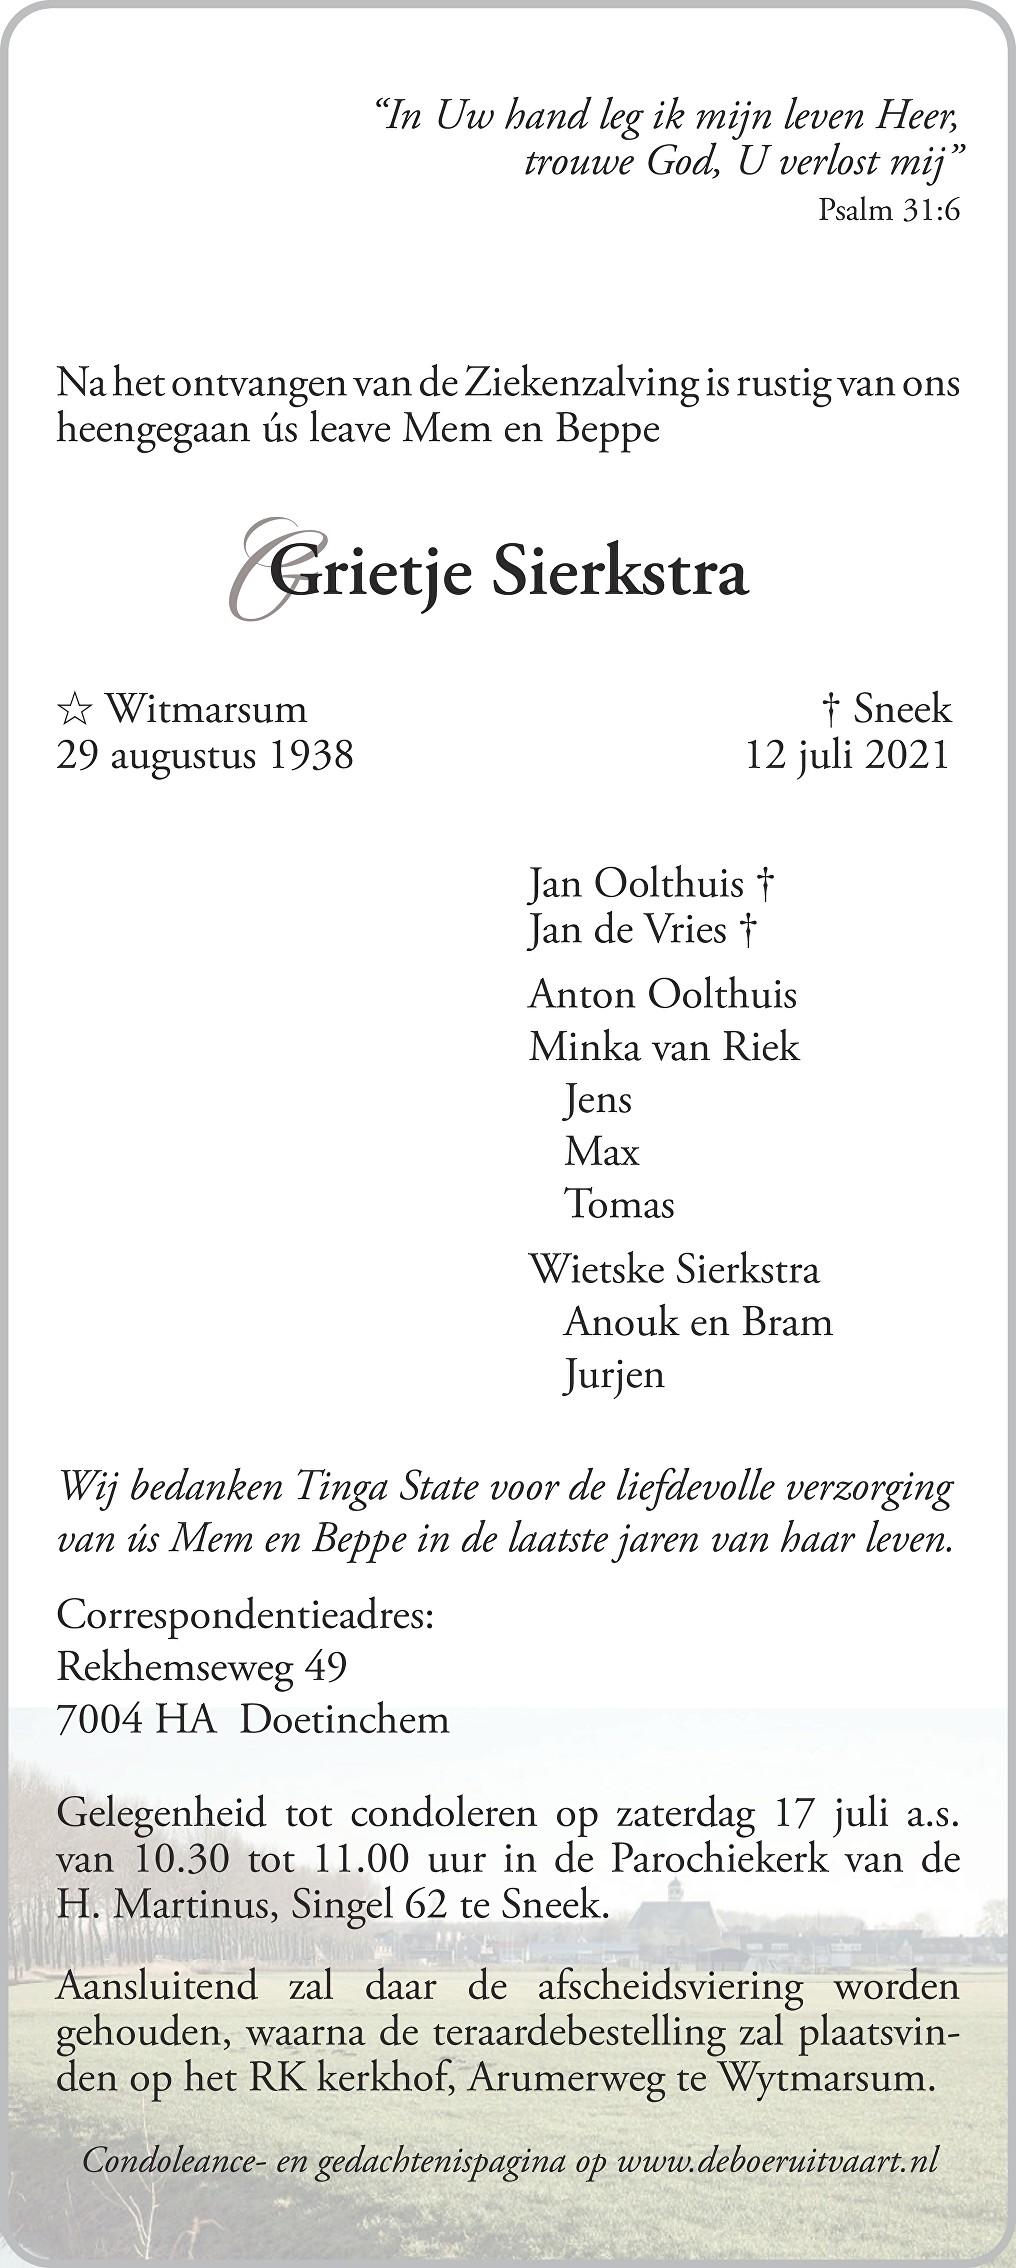 Grietje Sierkstra Death notice